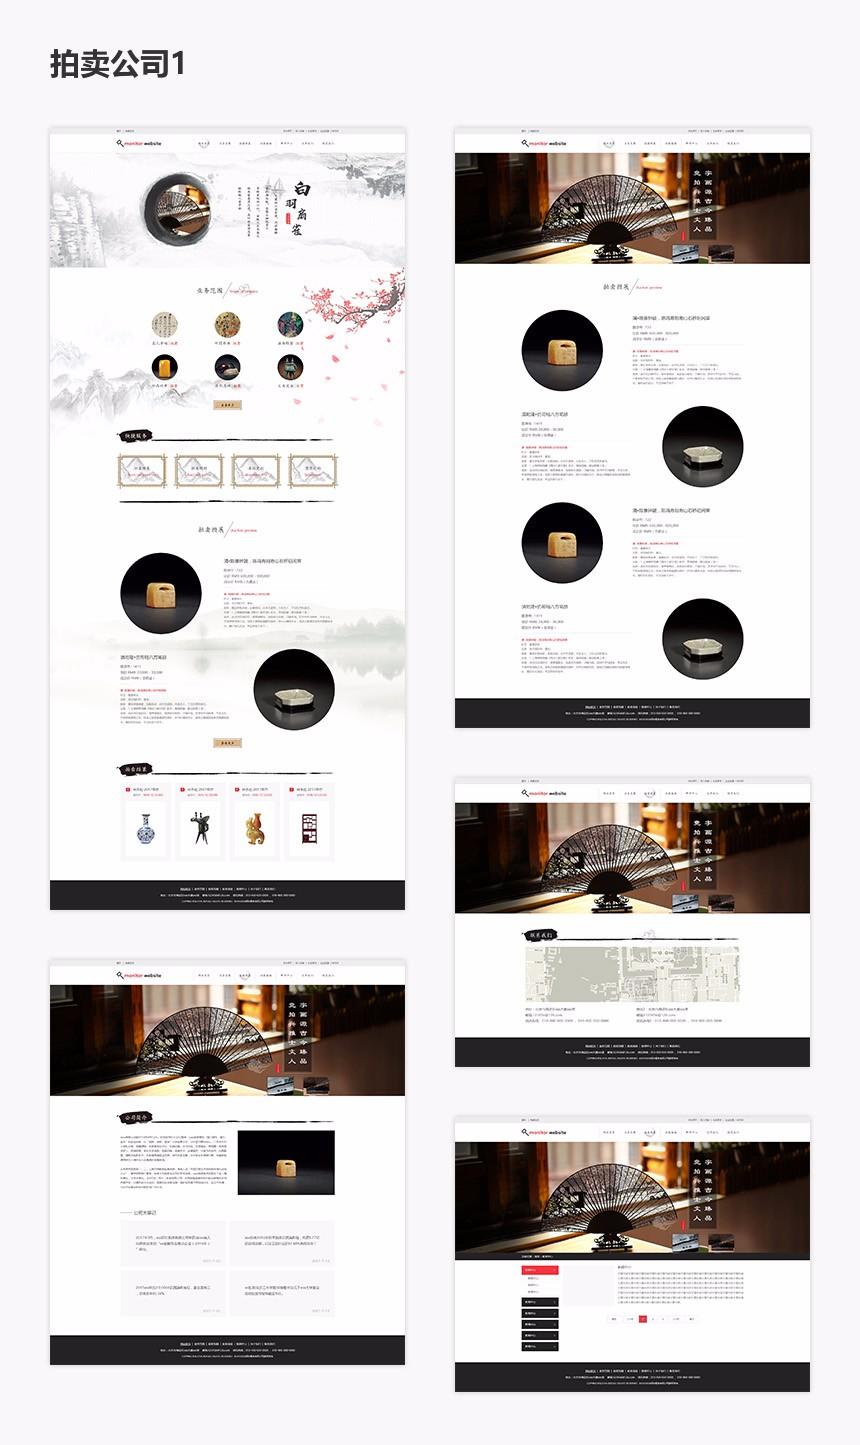 重慶拍賣公司網站制作-重慶網站建設公司.jpg